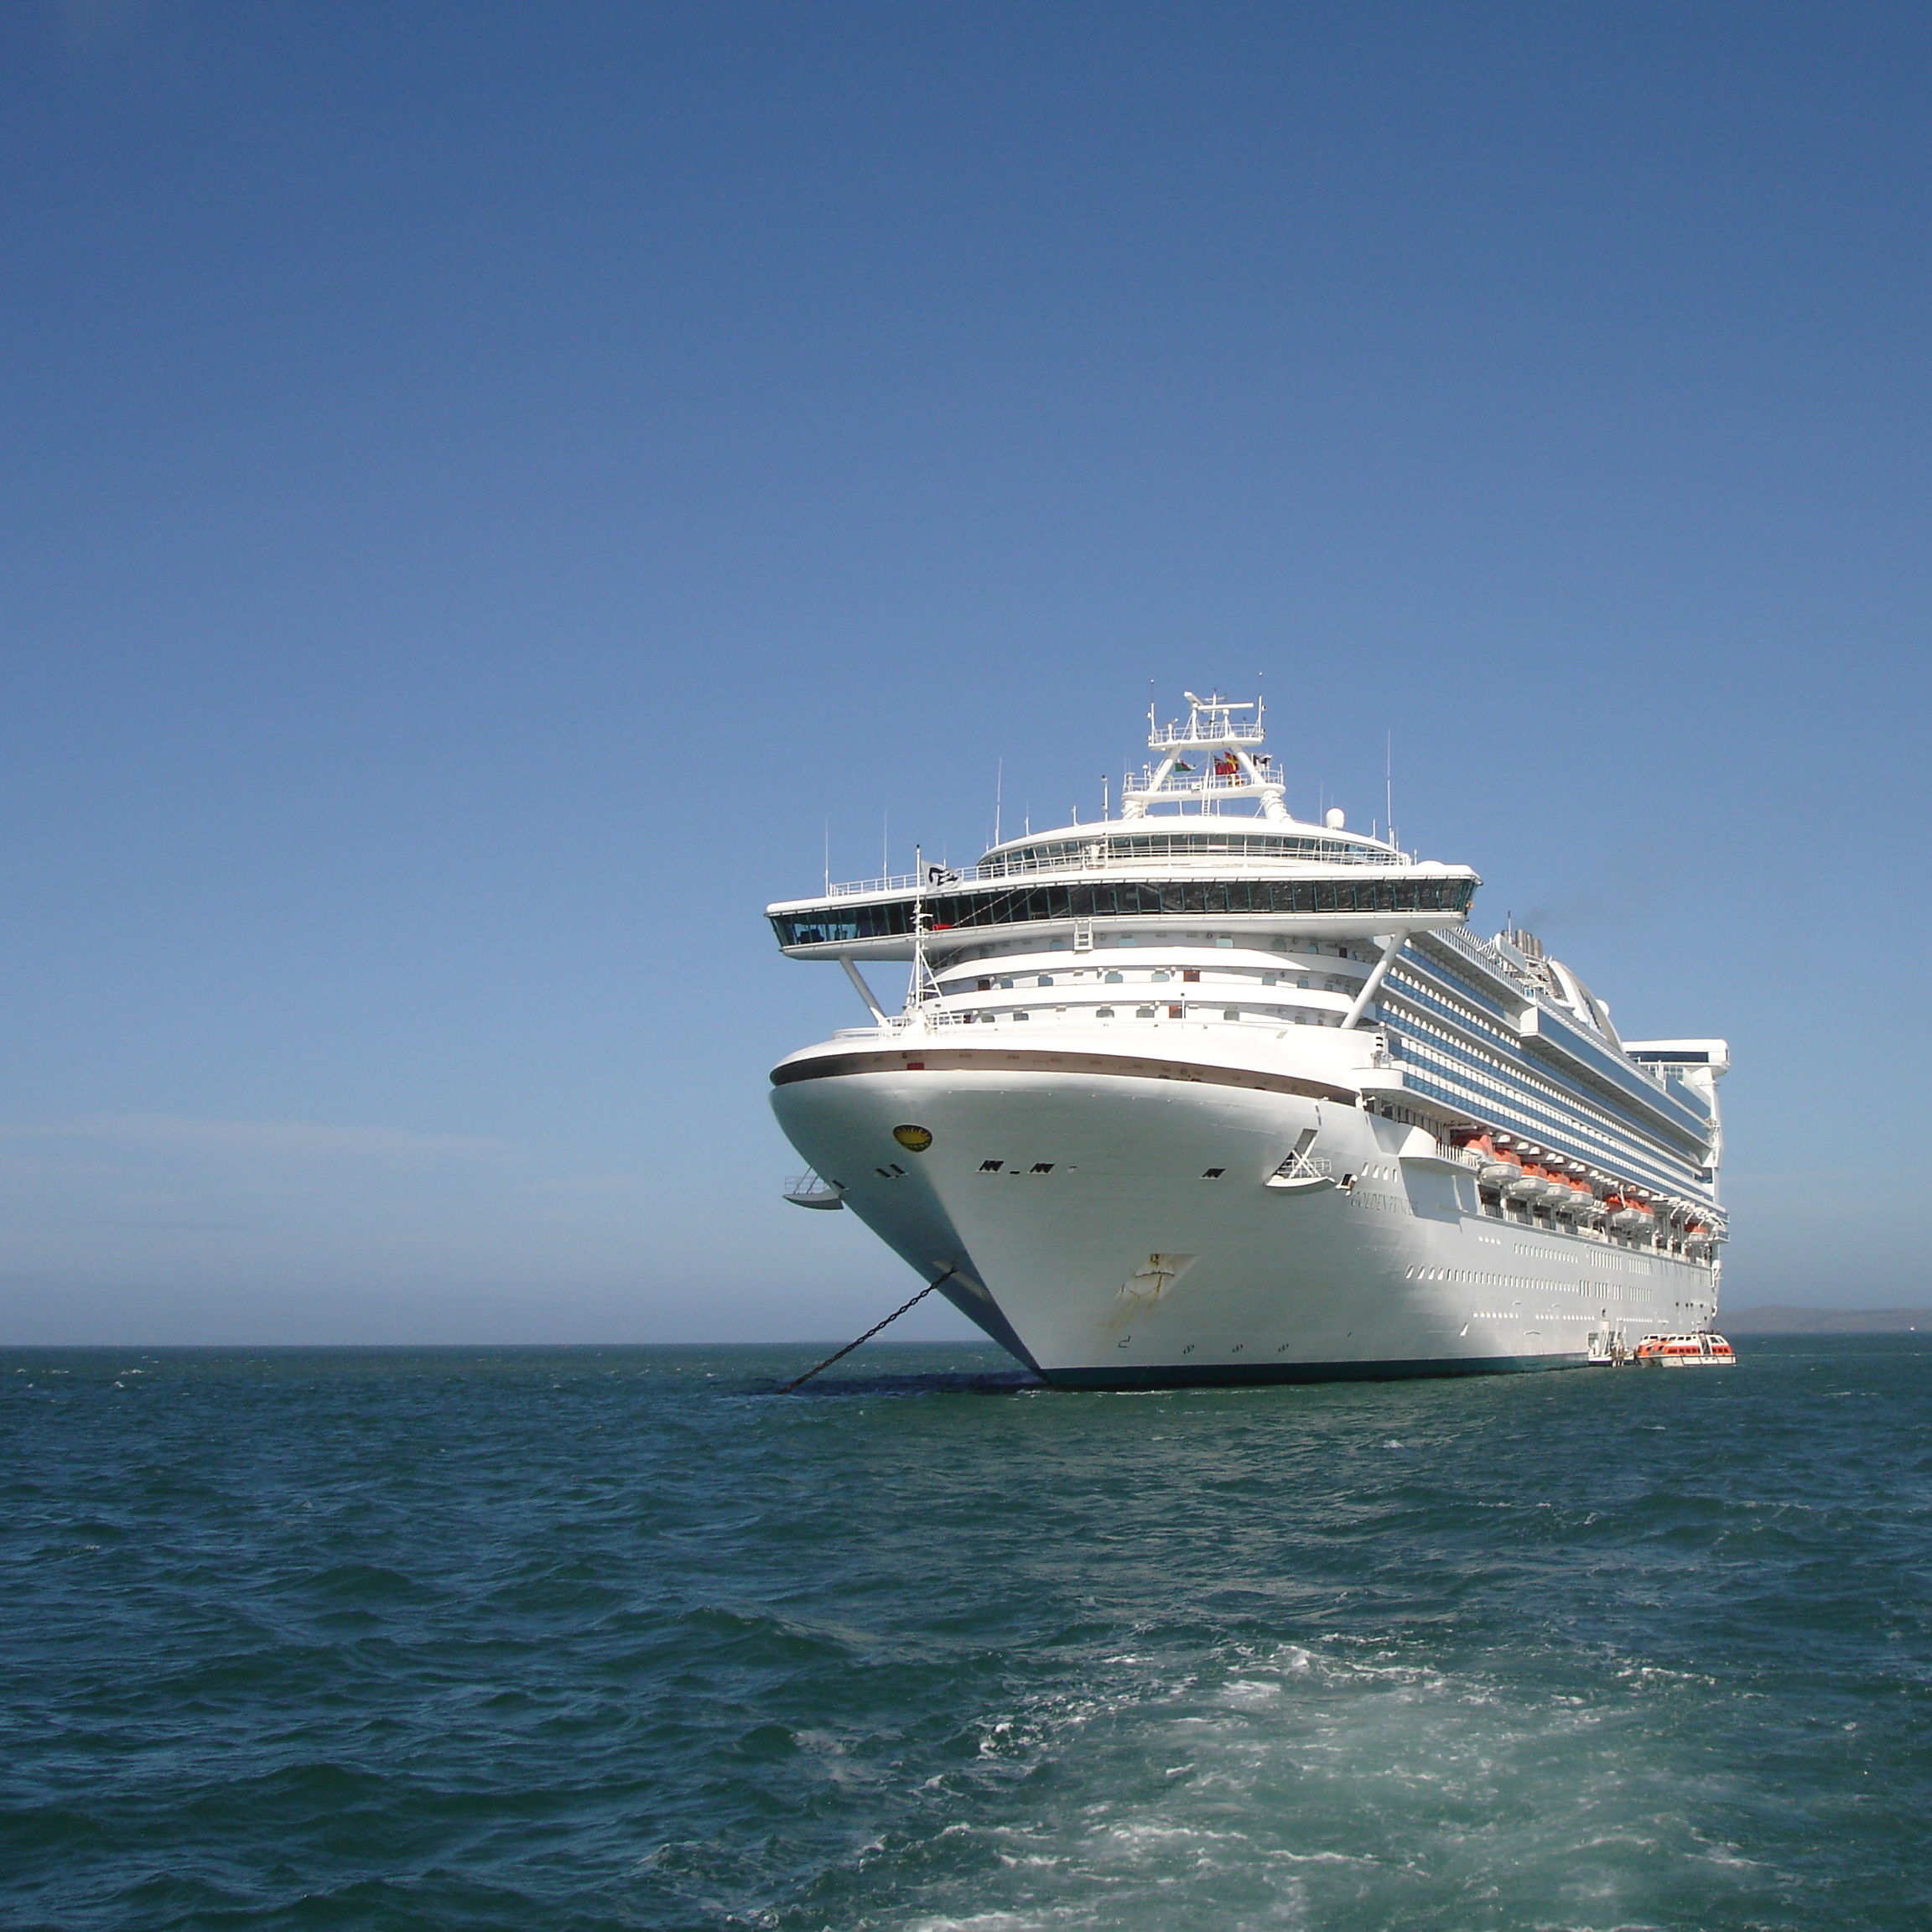 Cruise ship oxsnok